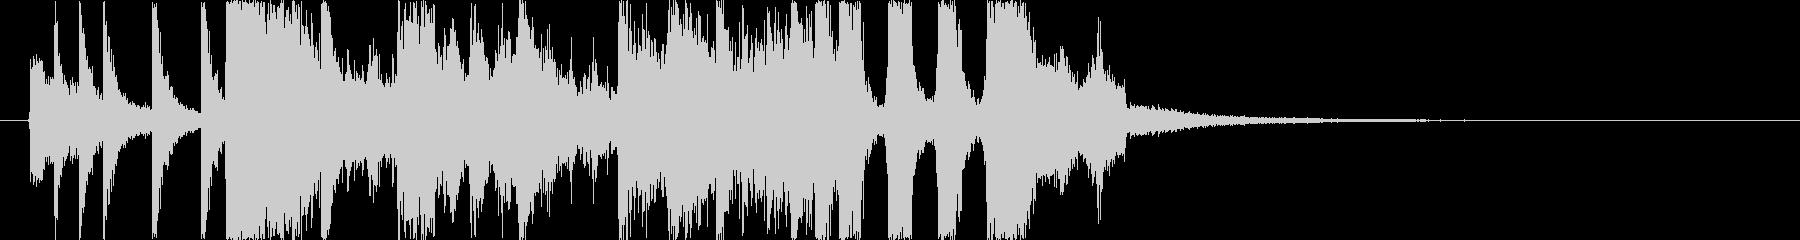 ファンキーな管楽器ジングルの未再生の波形